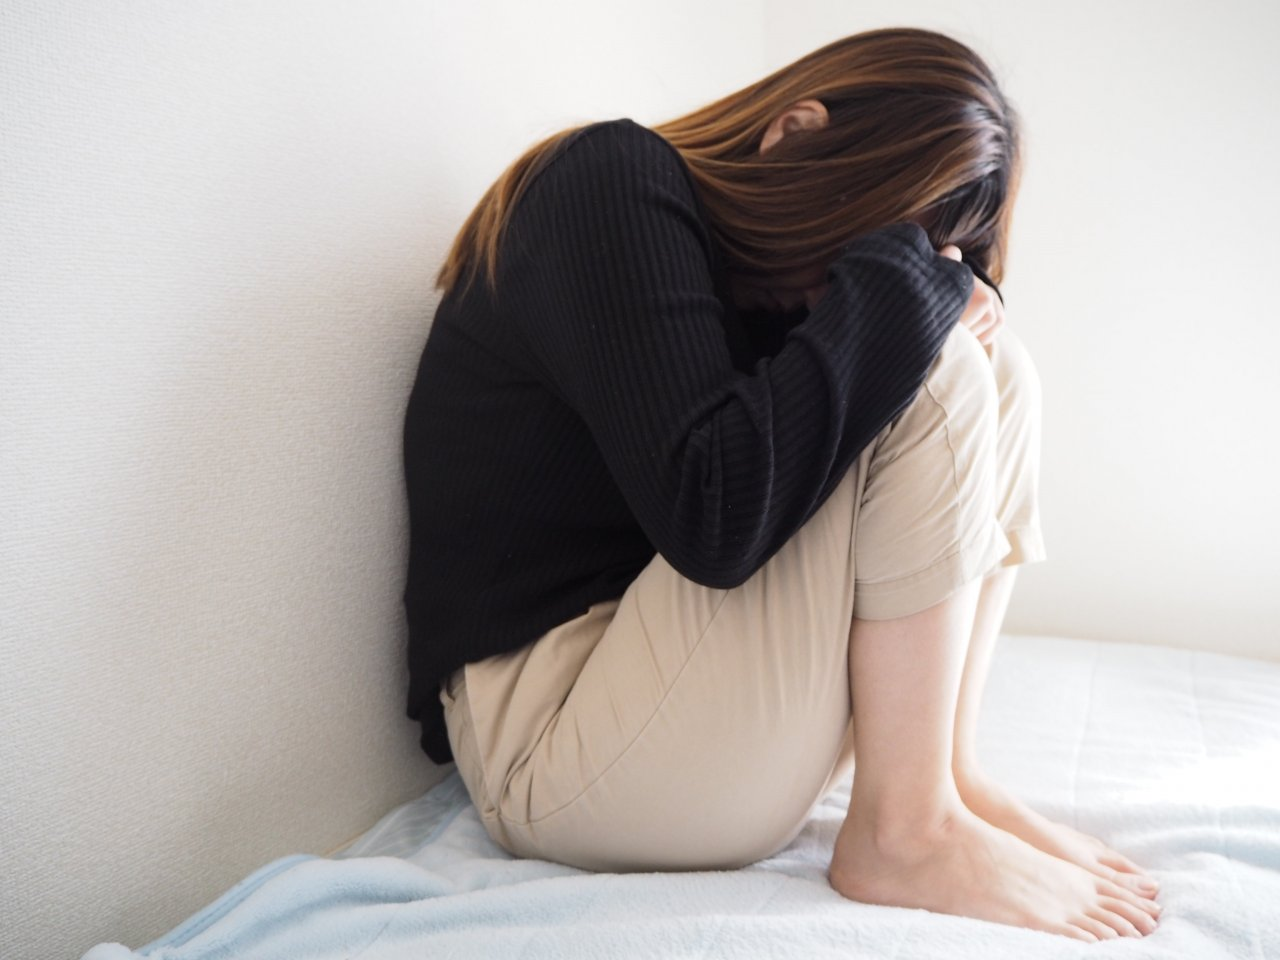 經痛吃什麼配圖:女生蜷縮在床上